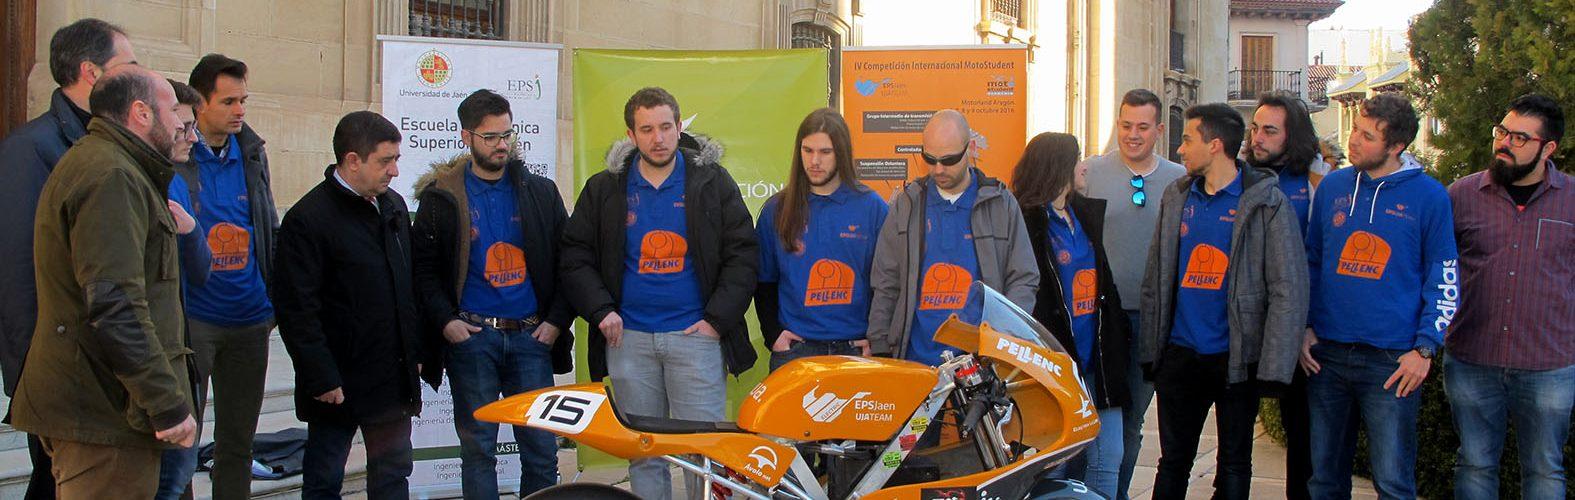 Diputación de Jaén vuelve a apoyar el proyecto EPSJaén UJATeam